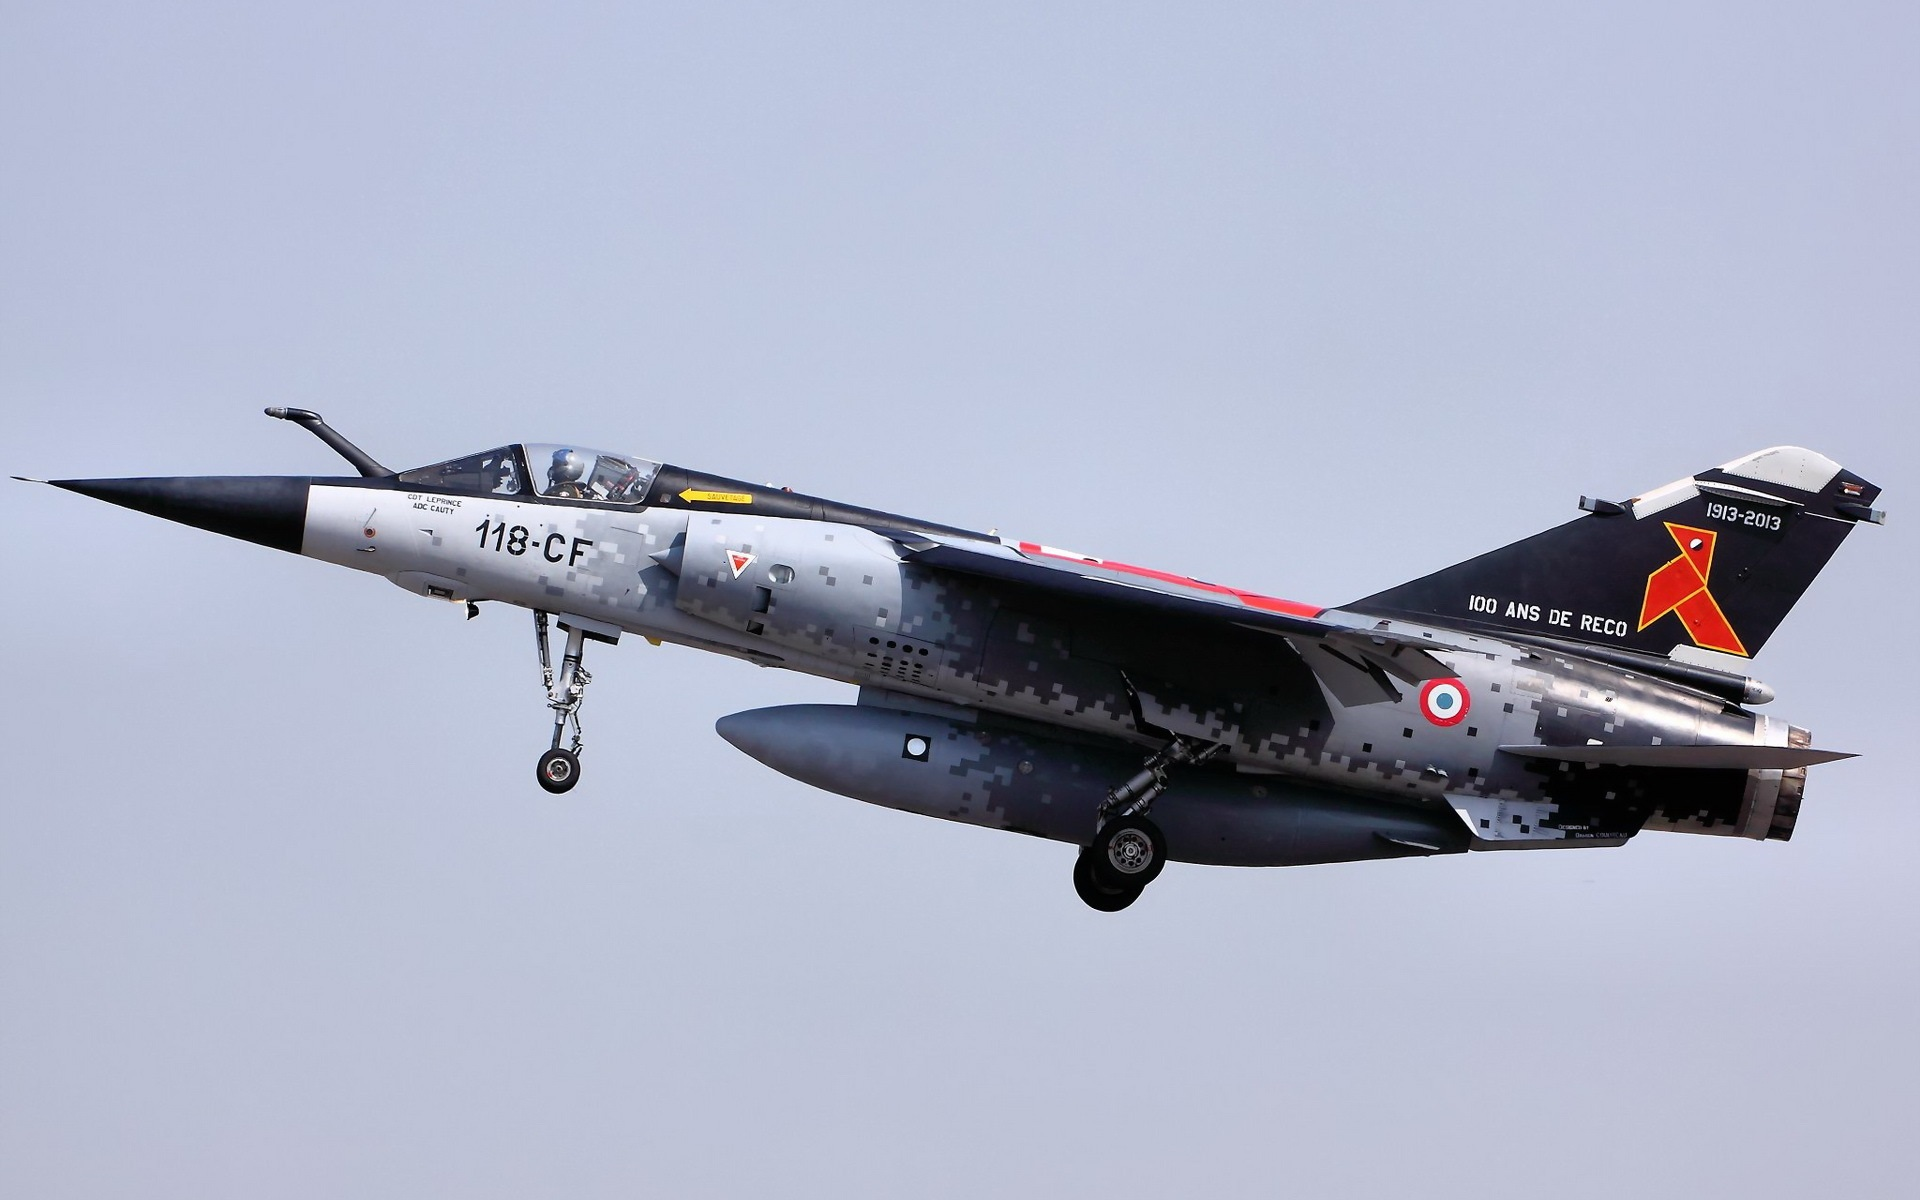 F 1 (航空機)の画像 p1_33